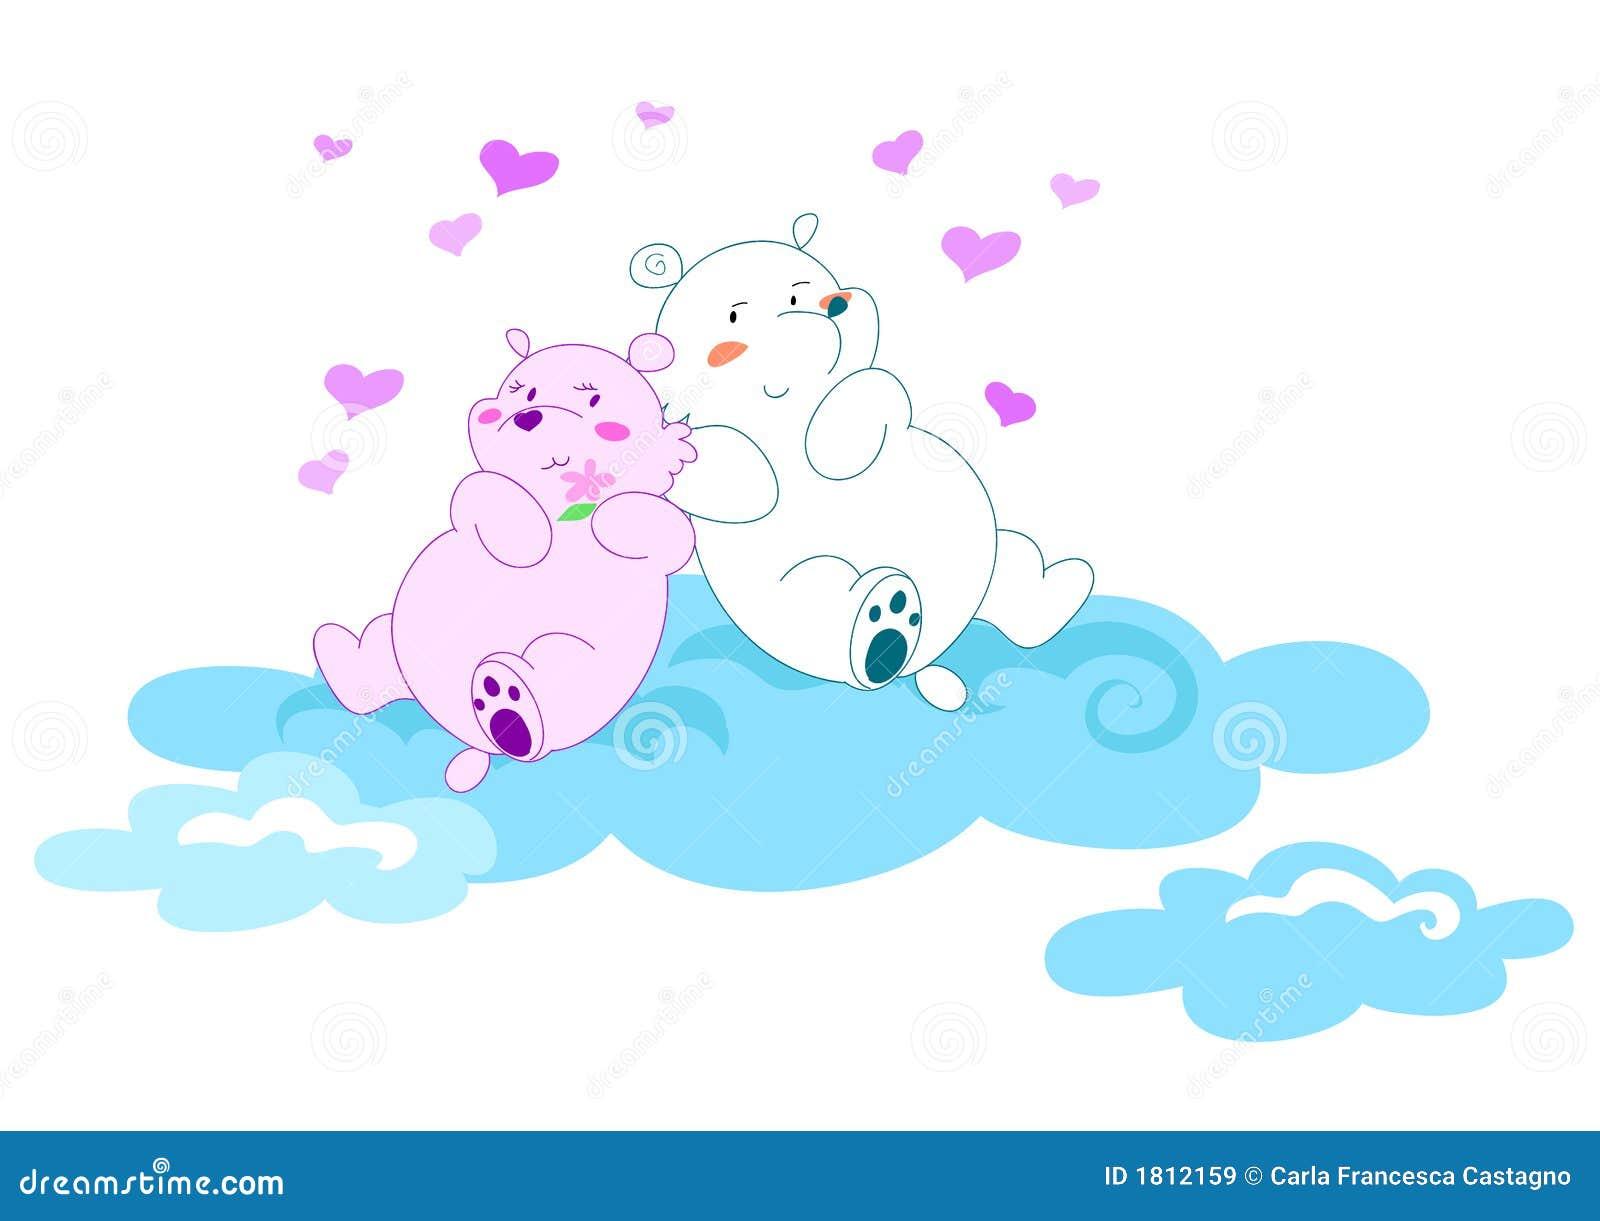 влюбленность иллюстрации 2 медведей векториальная